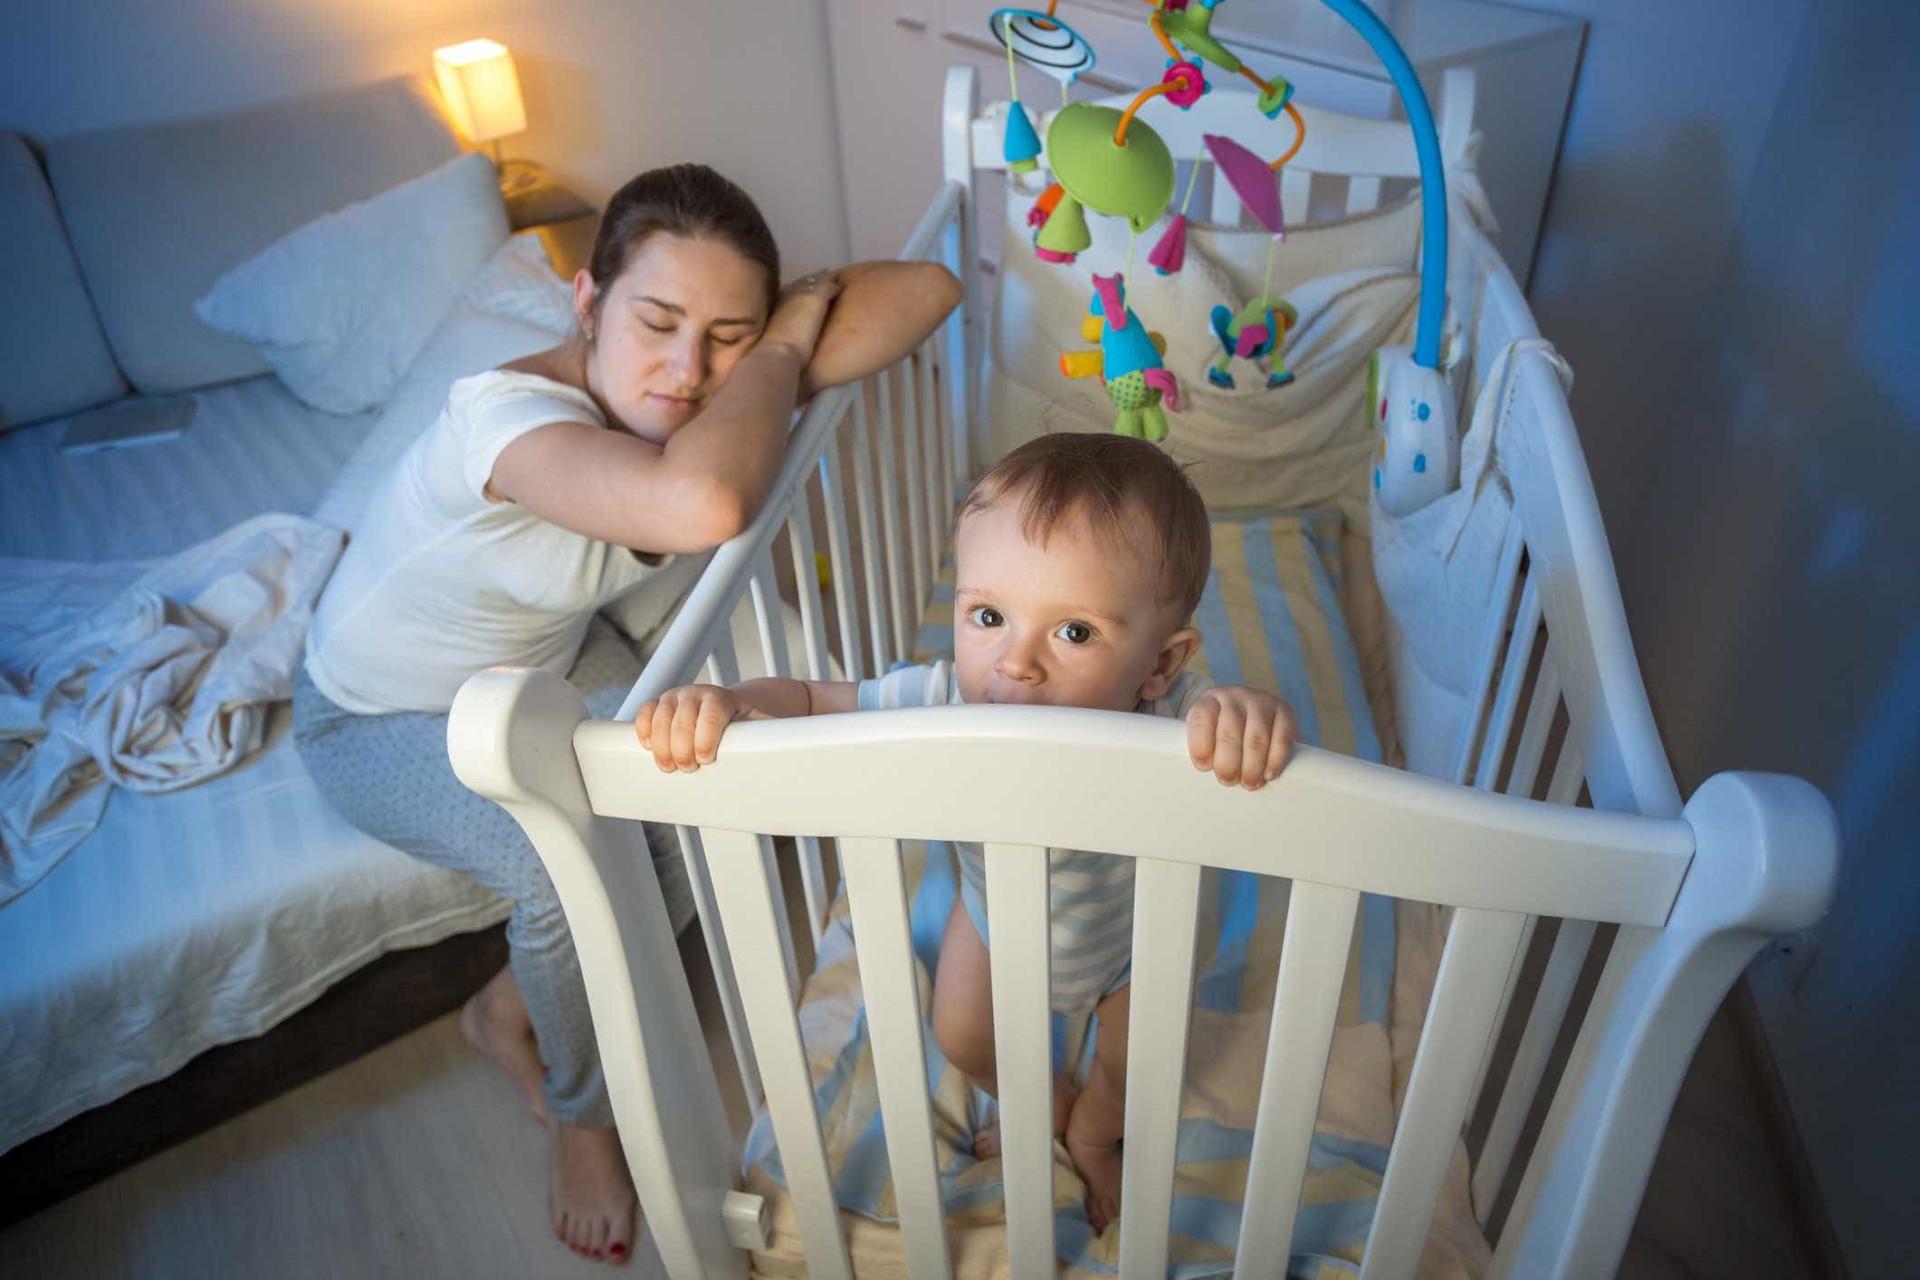 Pensa que sabe tudo sobre bebés? Deixe-se surpreender